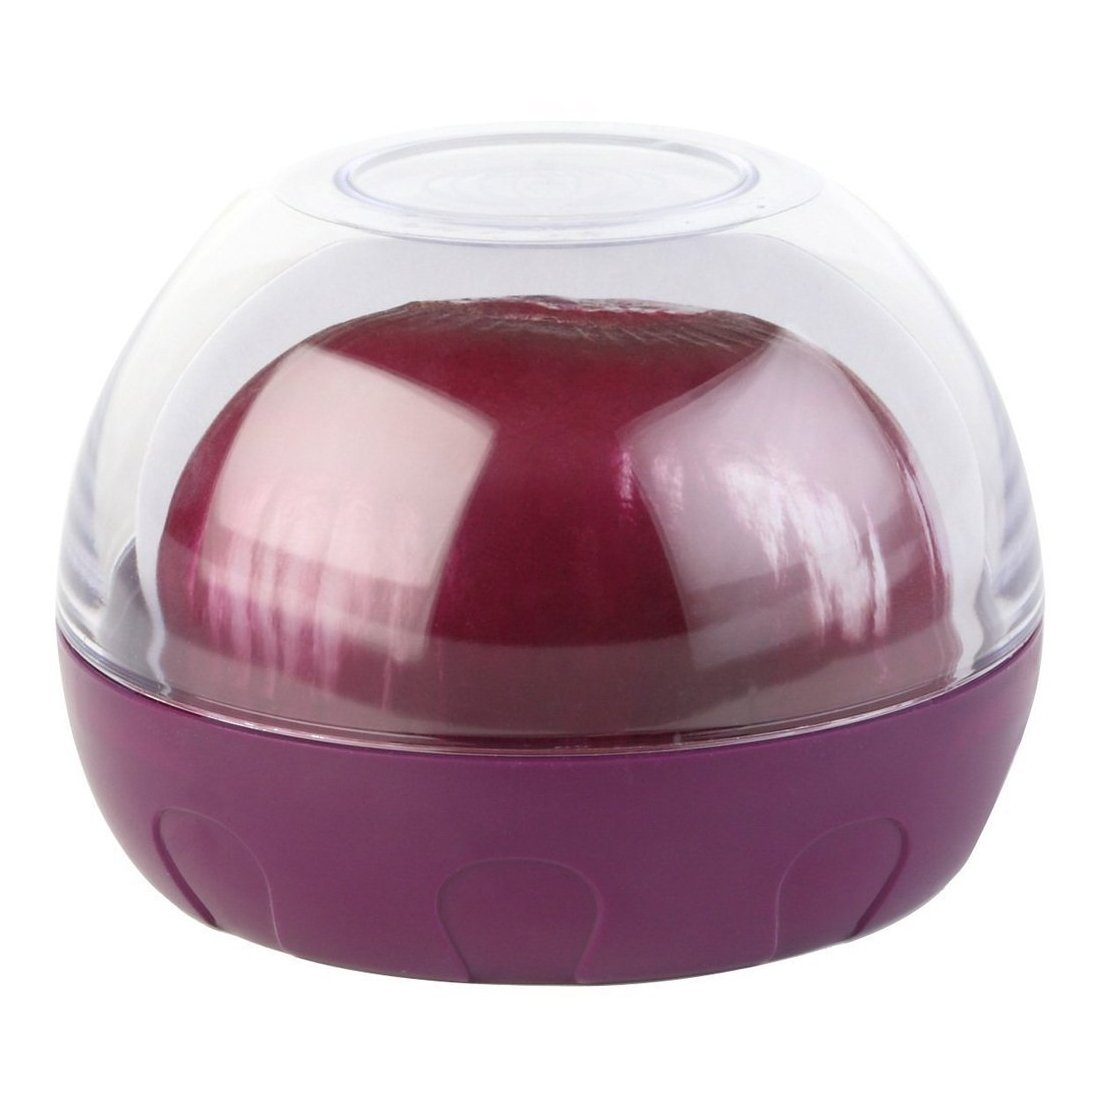 Progressive Onion Keeper LKS-11DP